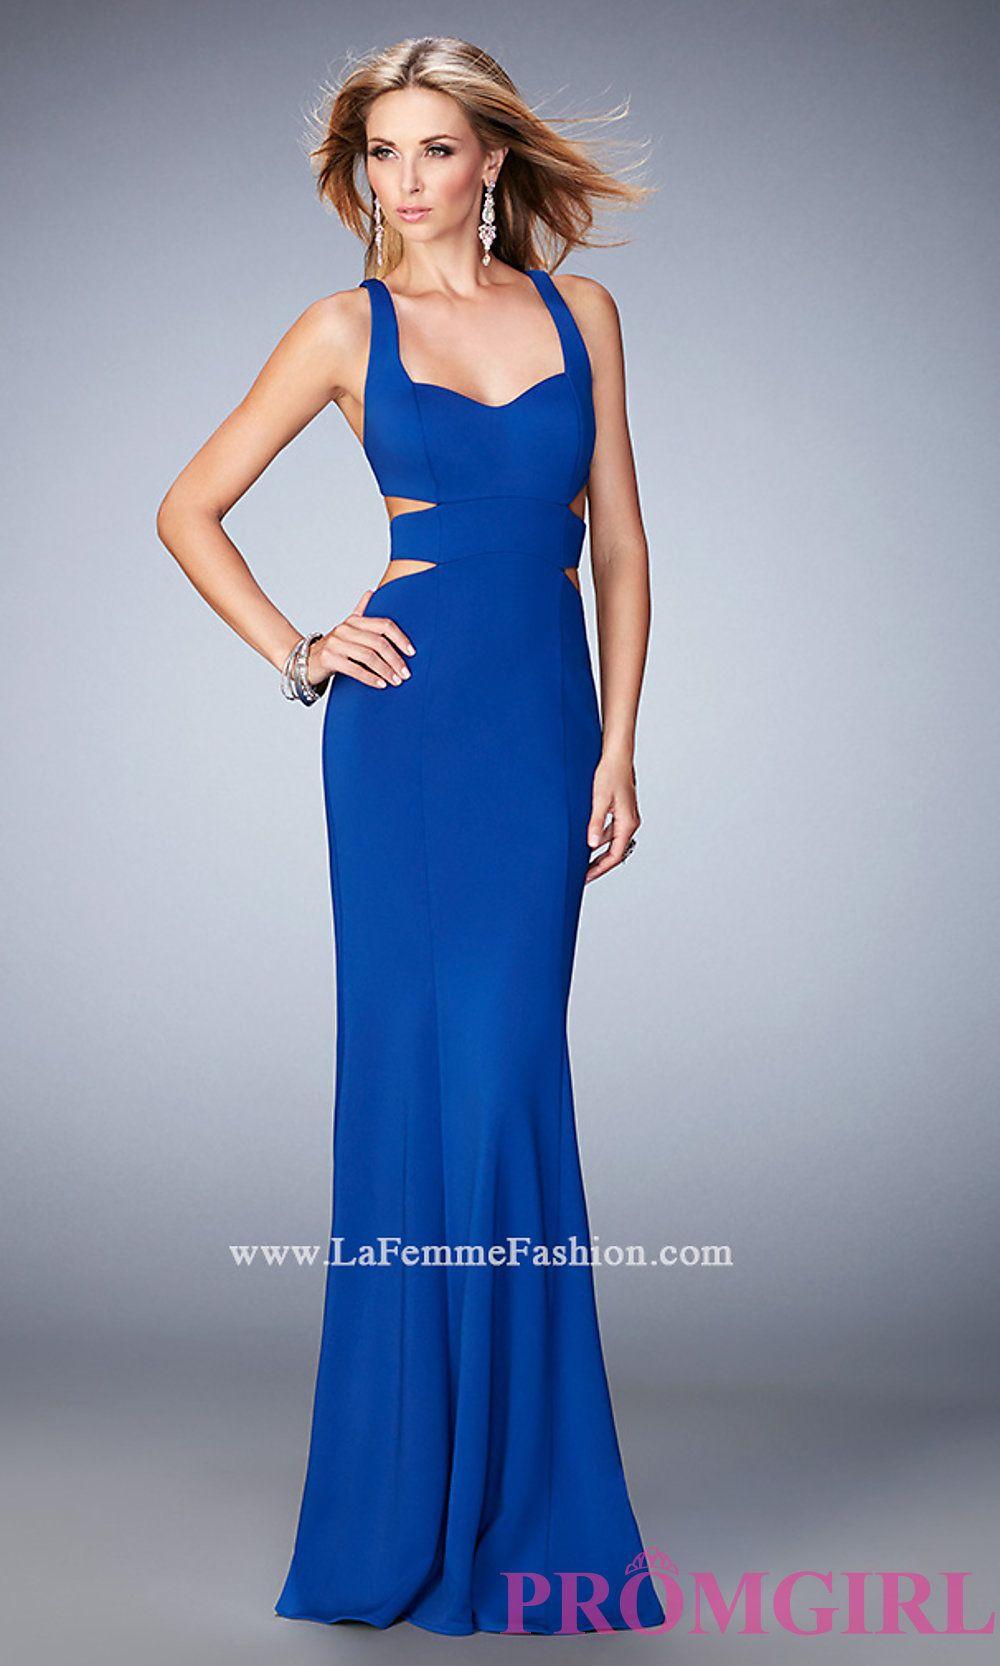 Open back long prom dress by la femme style lf prom